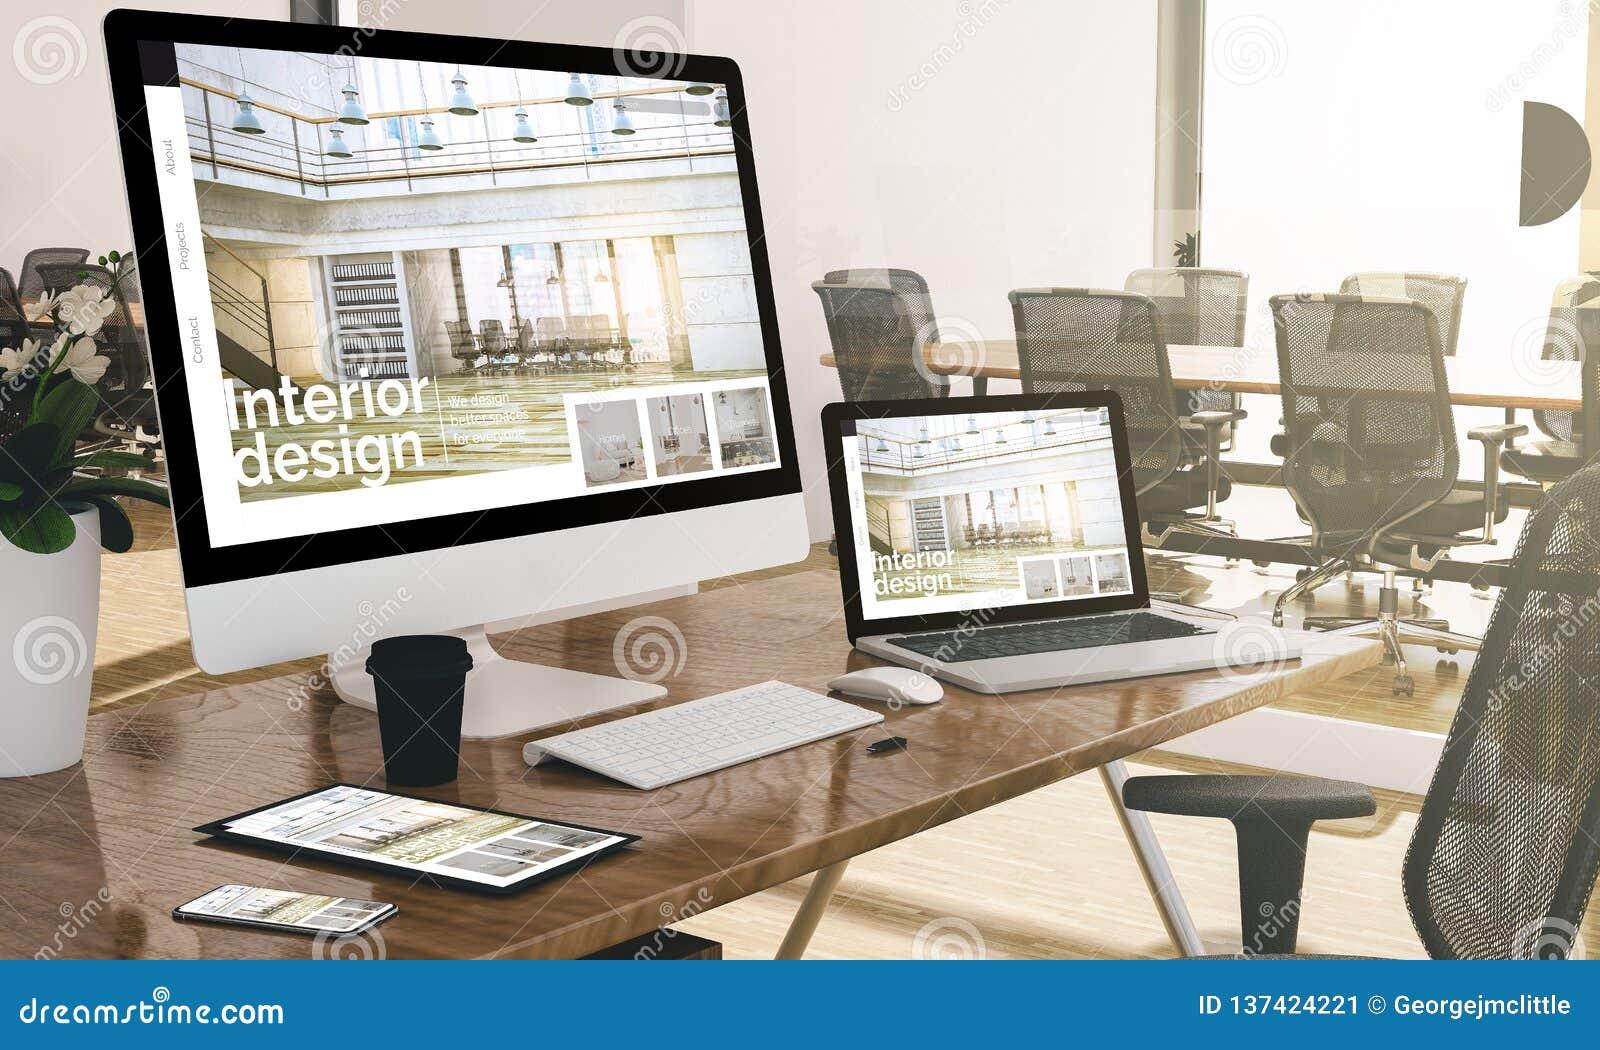 Ordenador, ordenador portátil, tableta, y teléfono con página web del diseño interior en la maqueta de la oficina